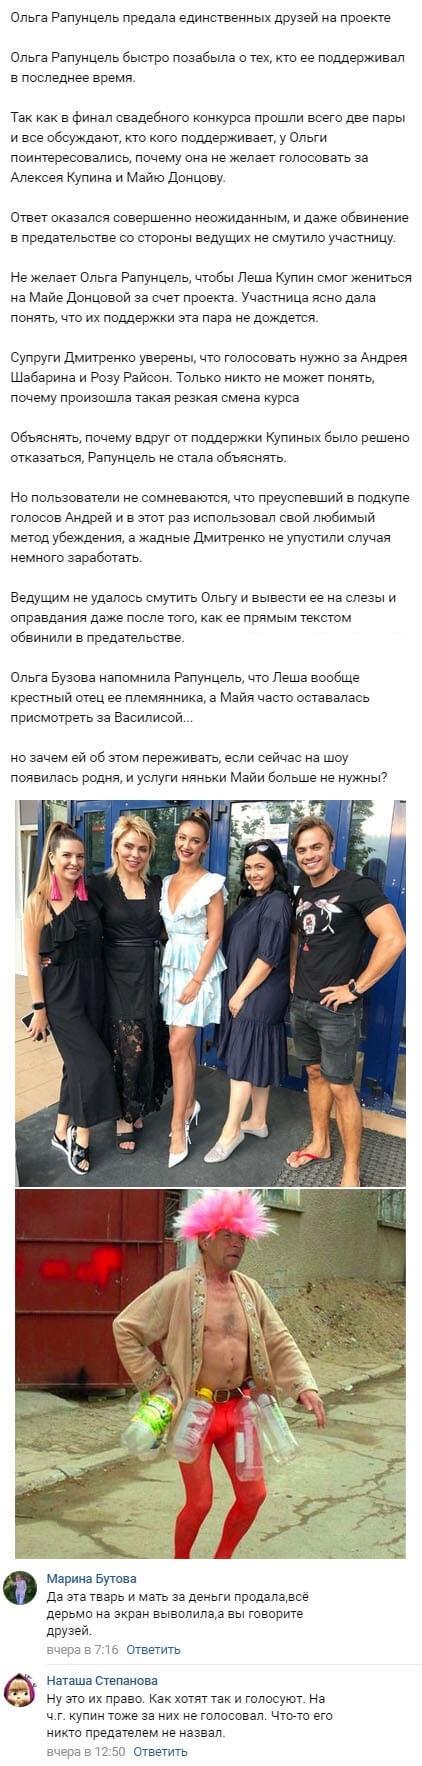 Ольга Рапунцель предала единственных друзей на проекте